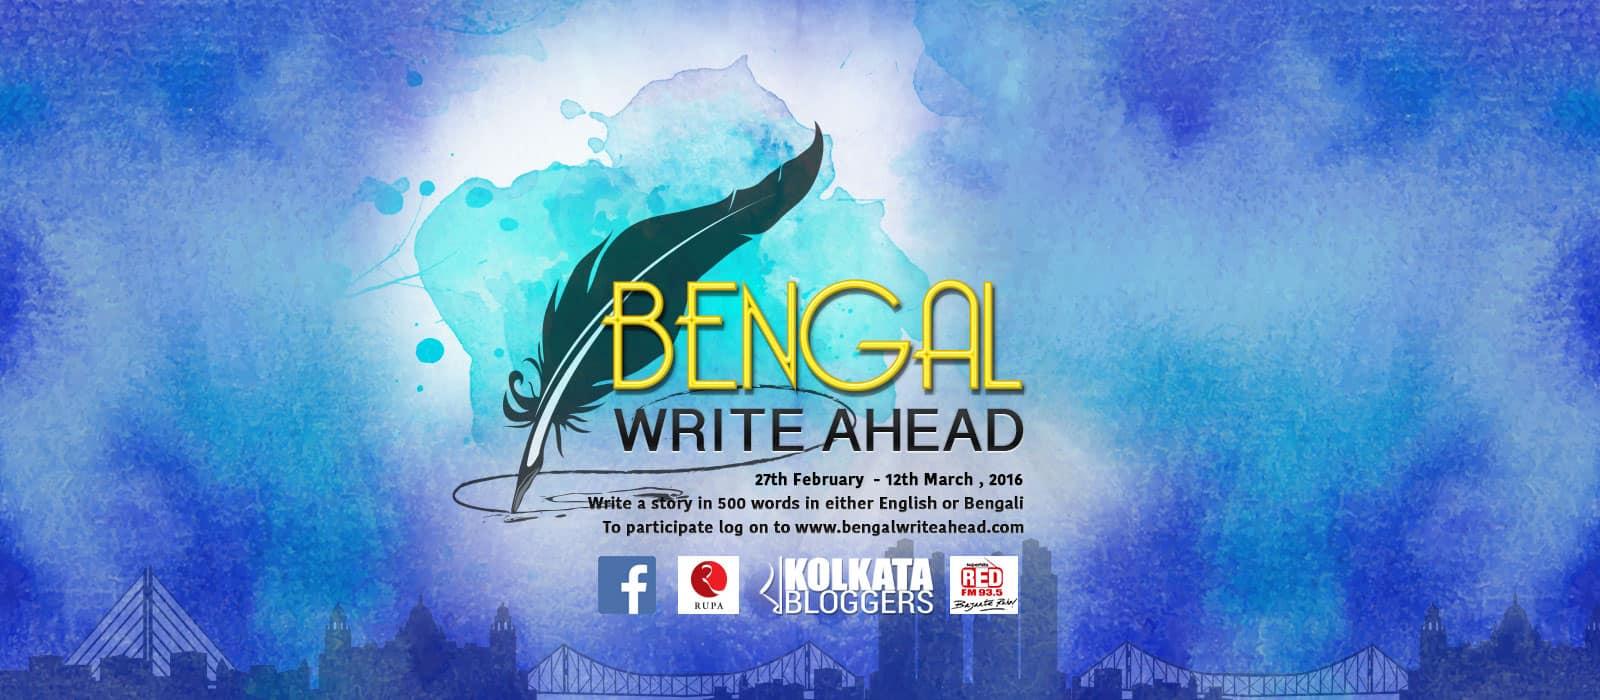 Bengal Write Ahead